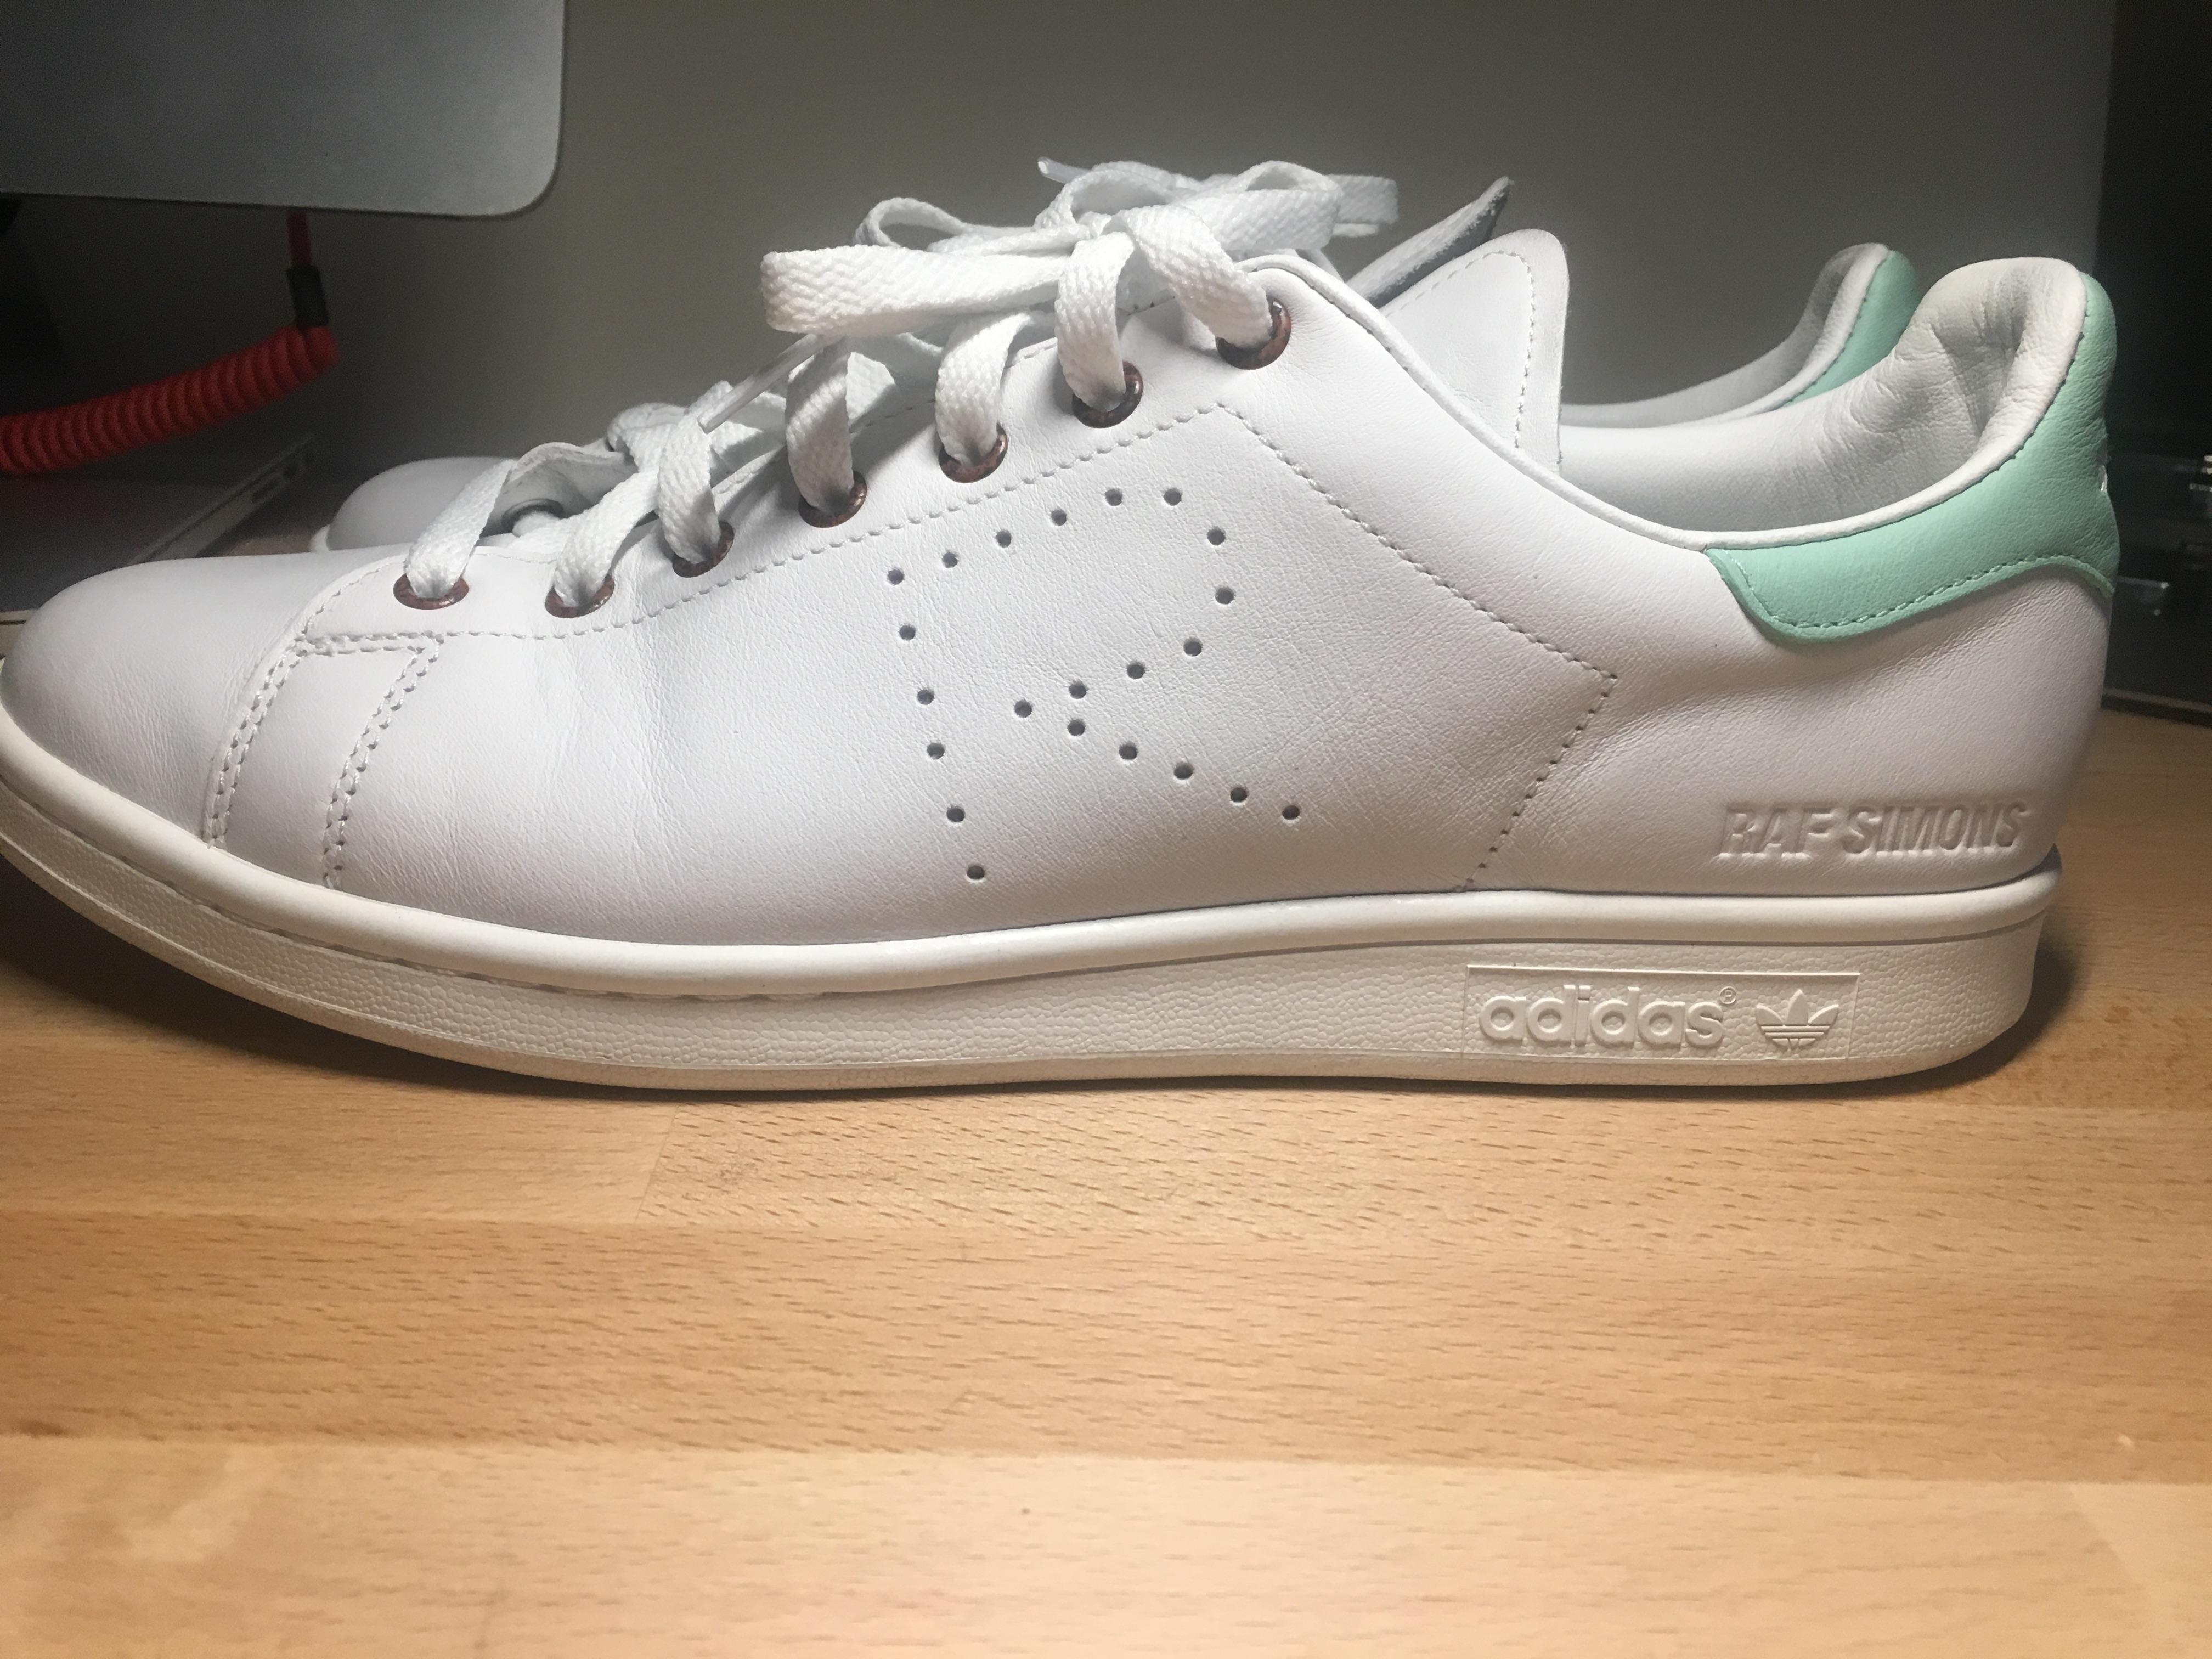 Adidas x Raf Simons Stan Smith In WhiteBlush Green